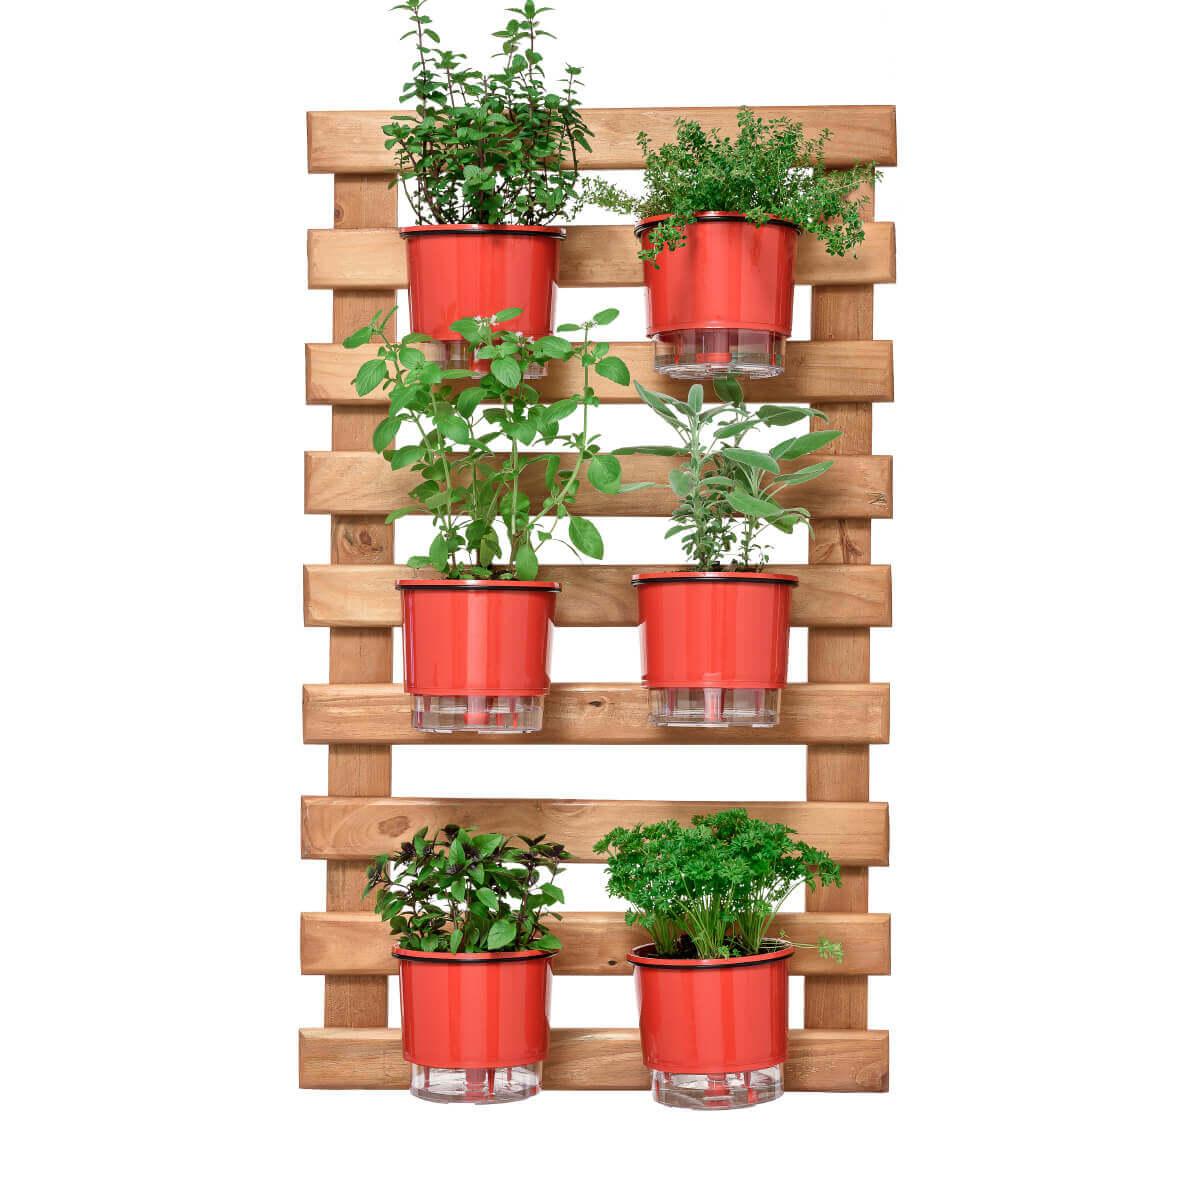 Horta Vertical Caramelo 60cm x 100cm, 6 Vasos e Suporte Preto  - Loja Raiz